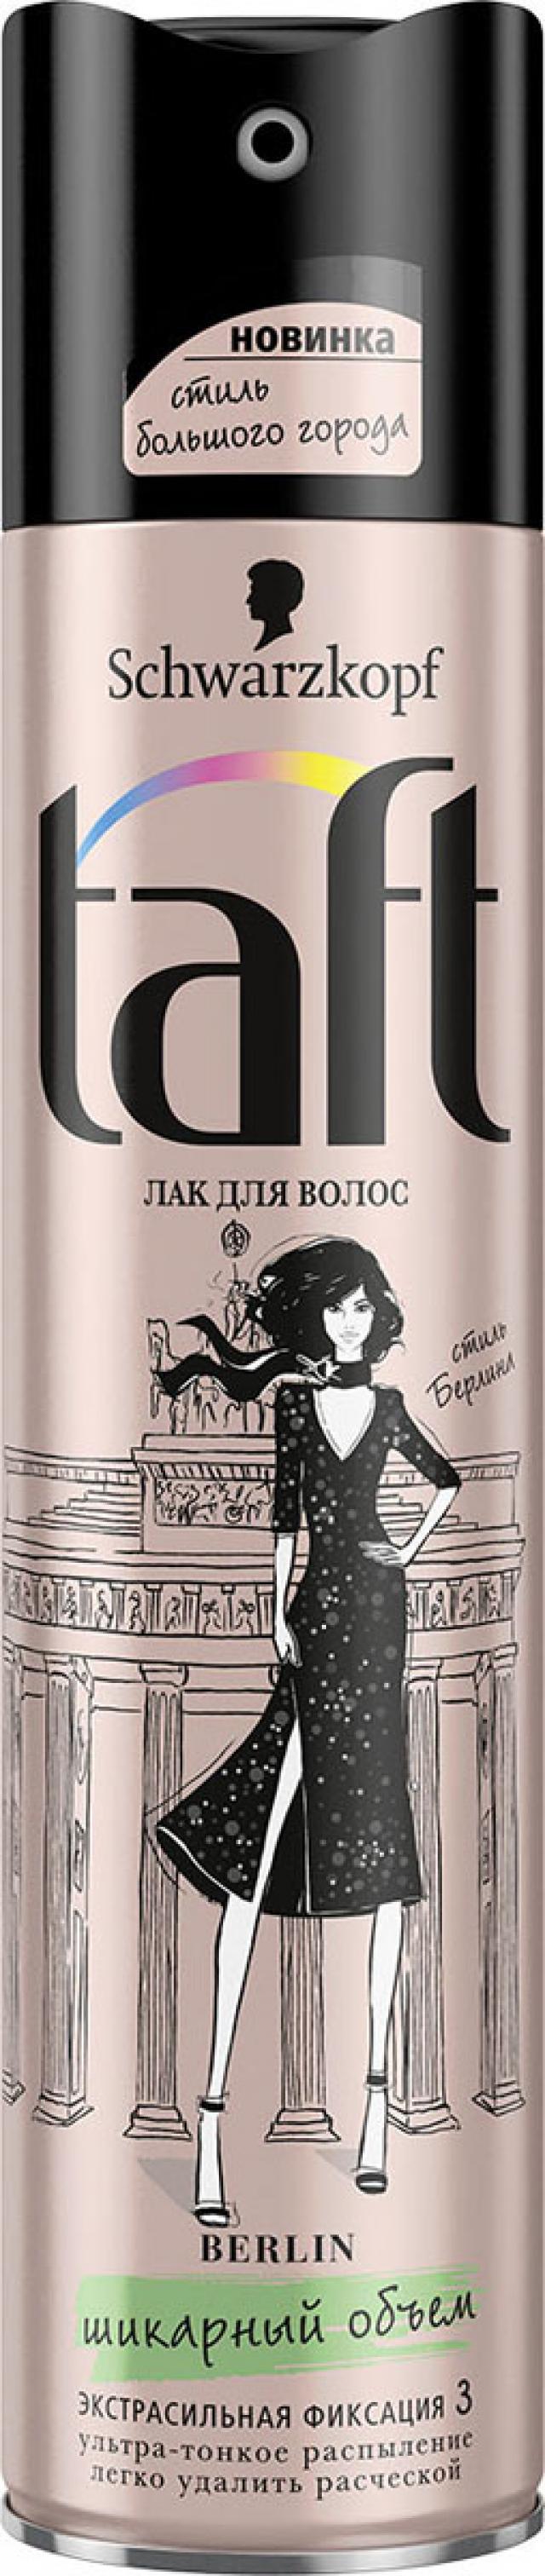 Тафт лак для волос Берлин 225мл купить в Москве по цене от 0 рублей